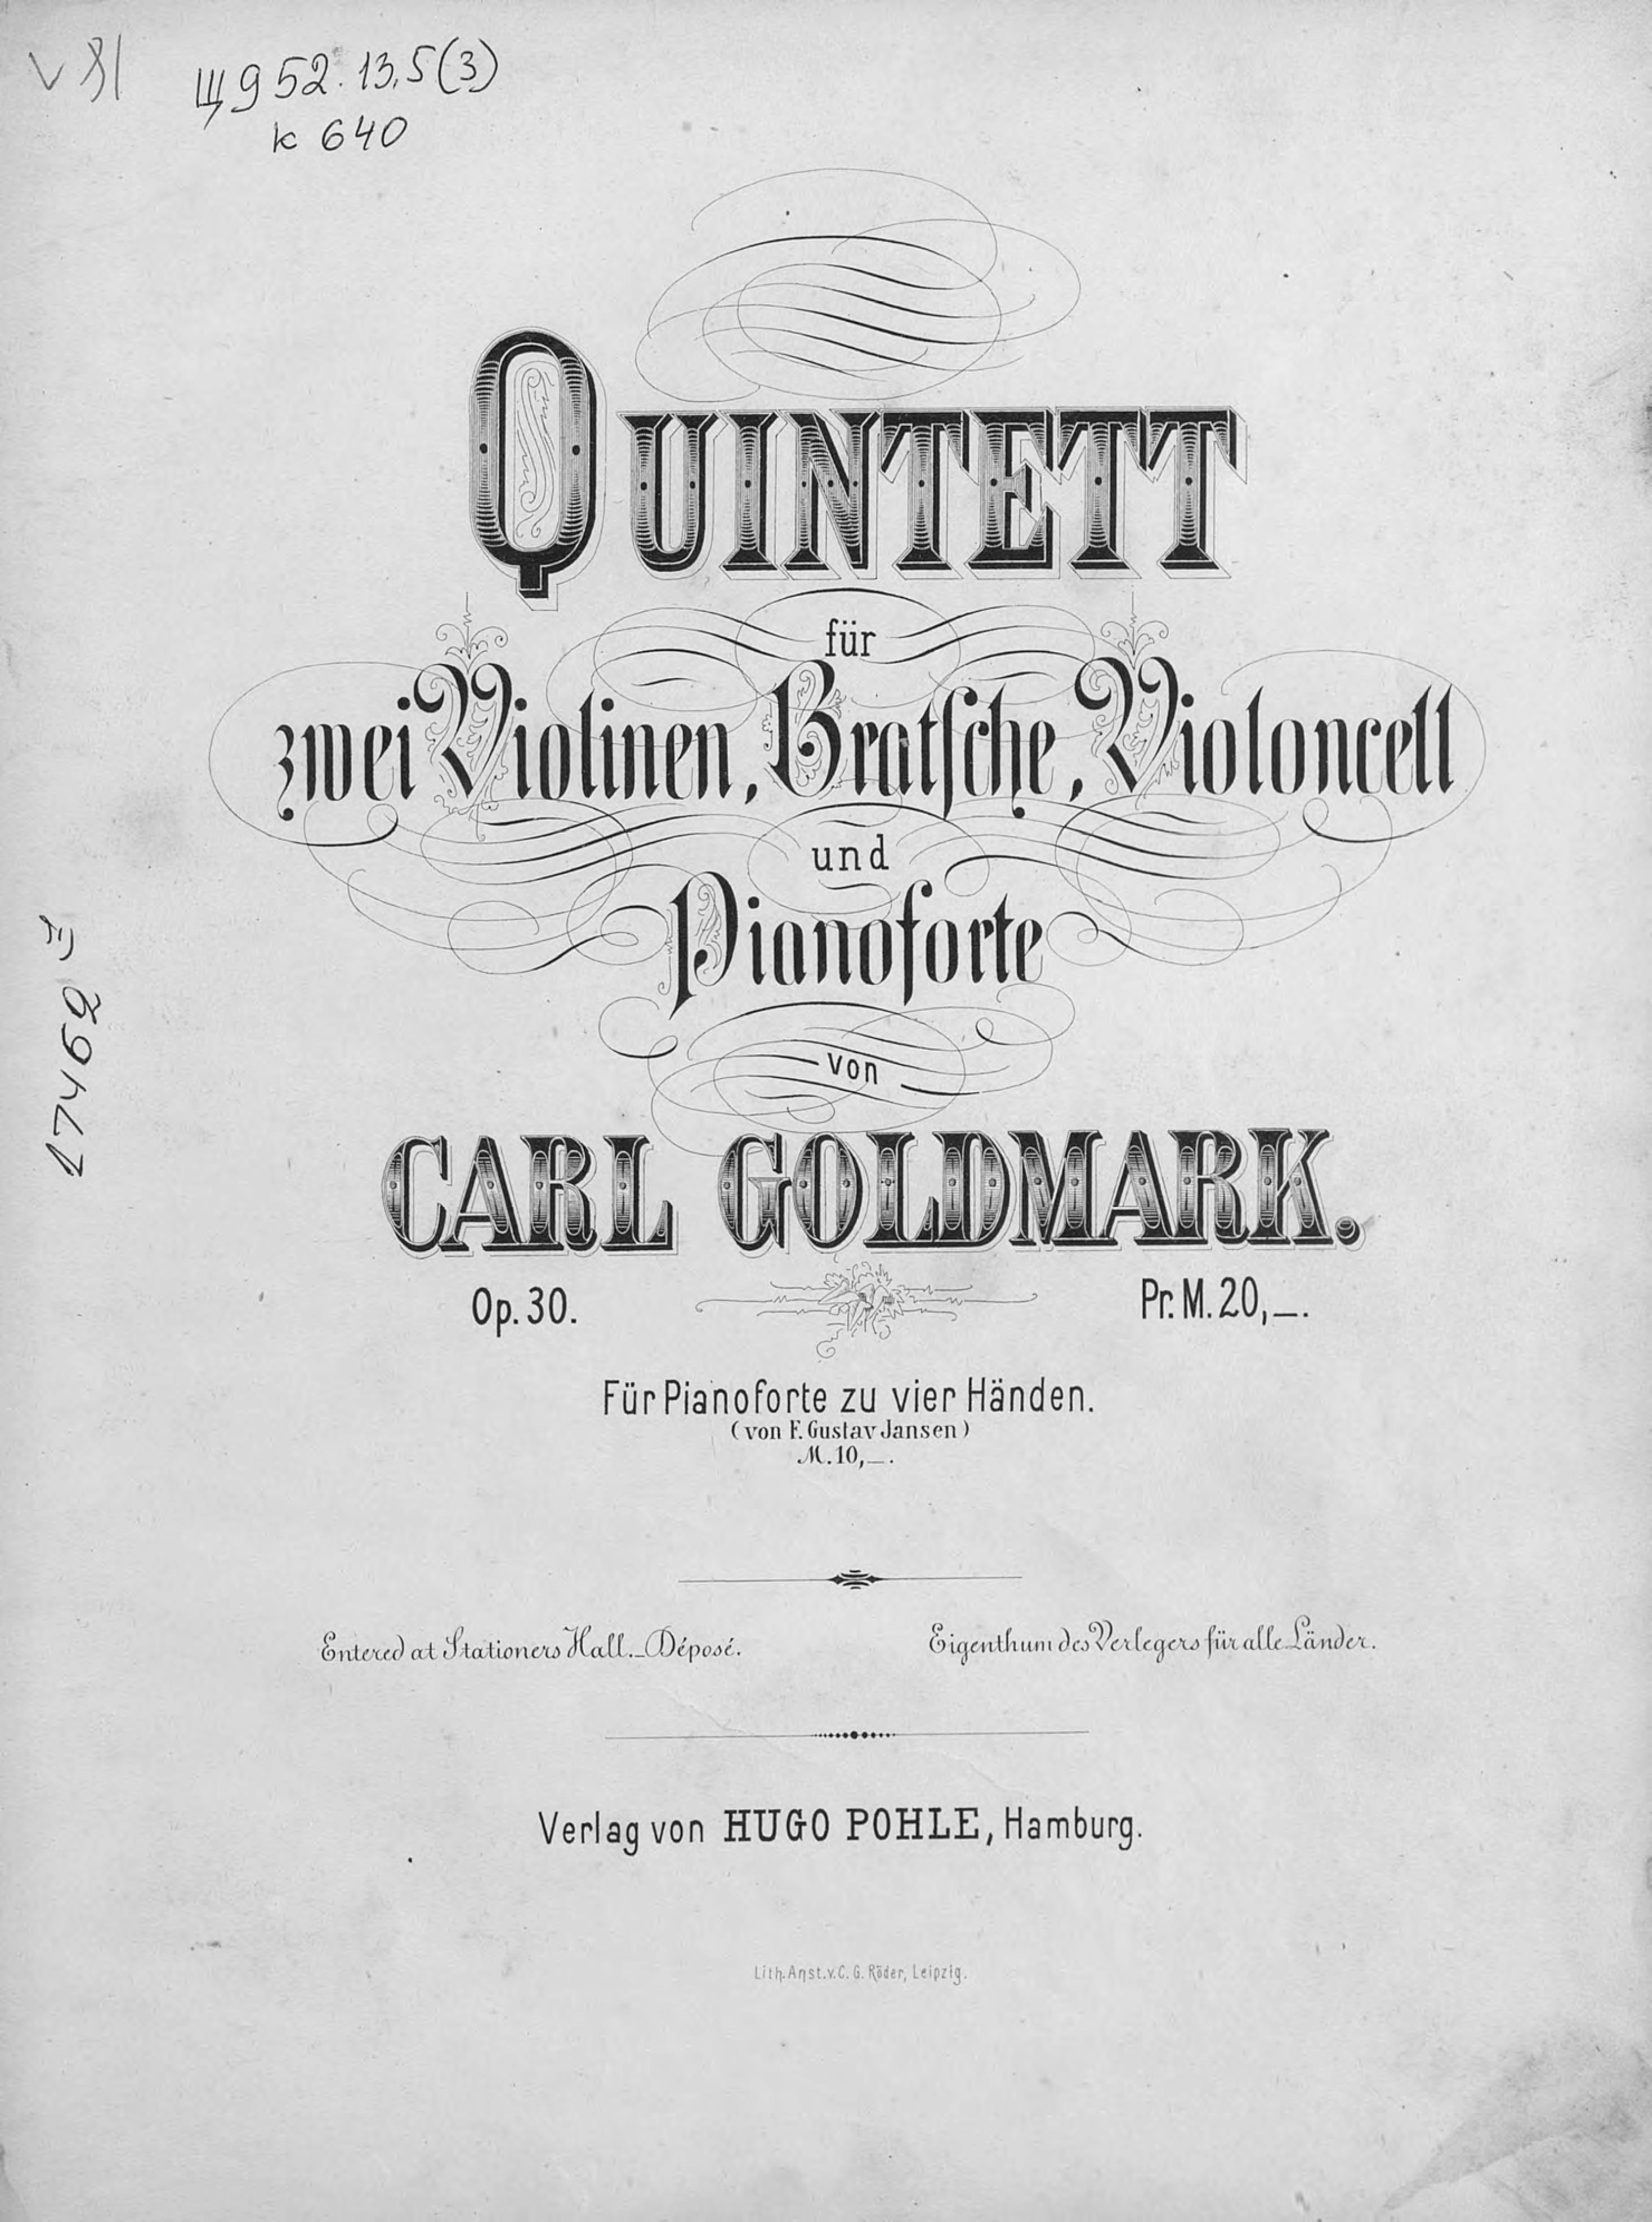 Карл Гольдмарк Quintett fur 2 Violinen, Bratsche, Violoncell und Pianoforte v. Carl Goldmark carl ferdinand w walther gesetz und evangelium